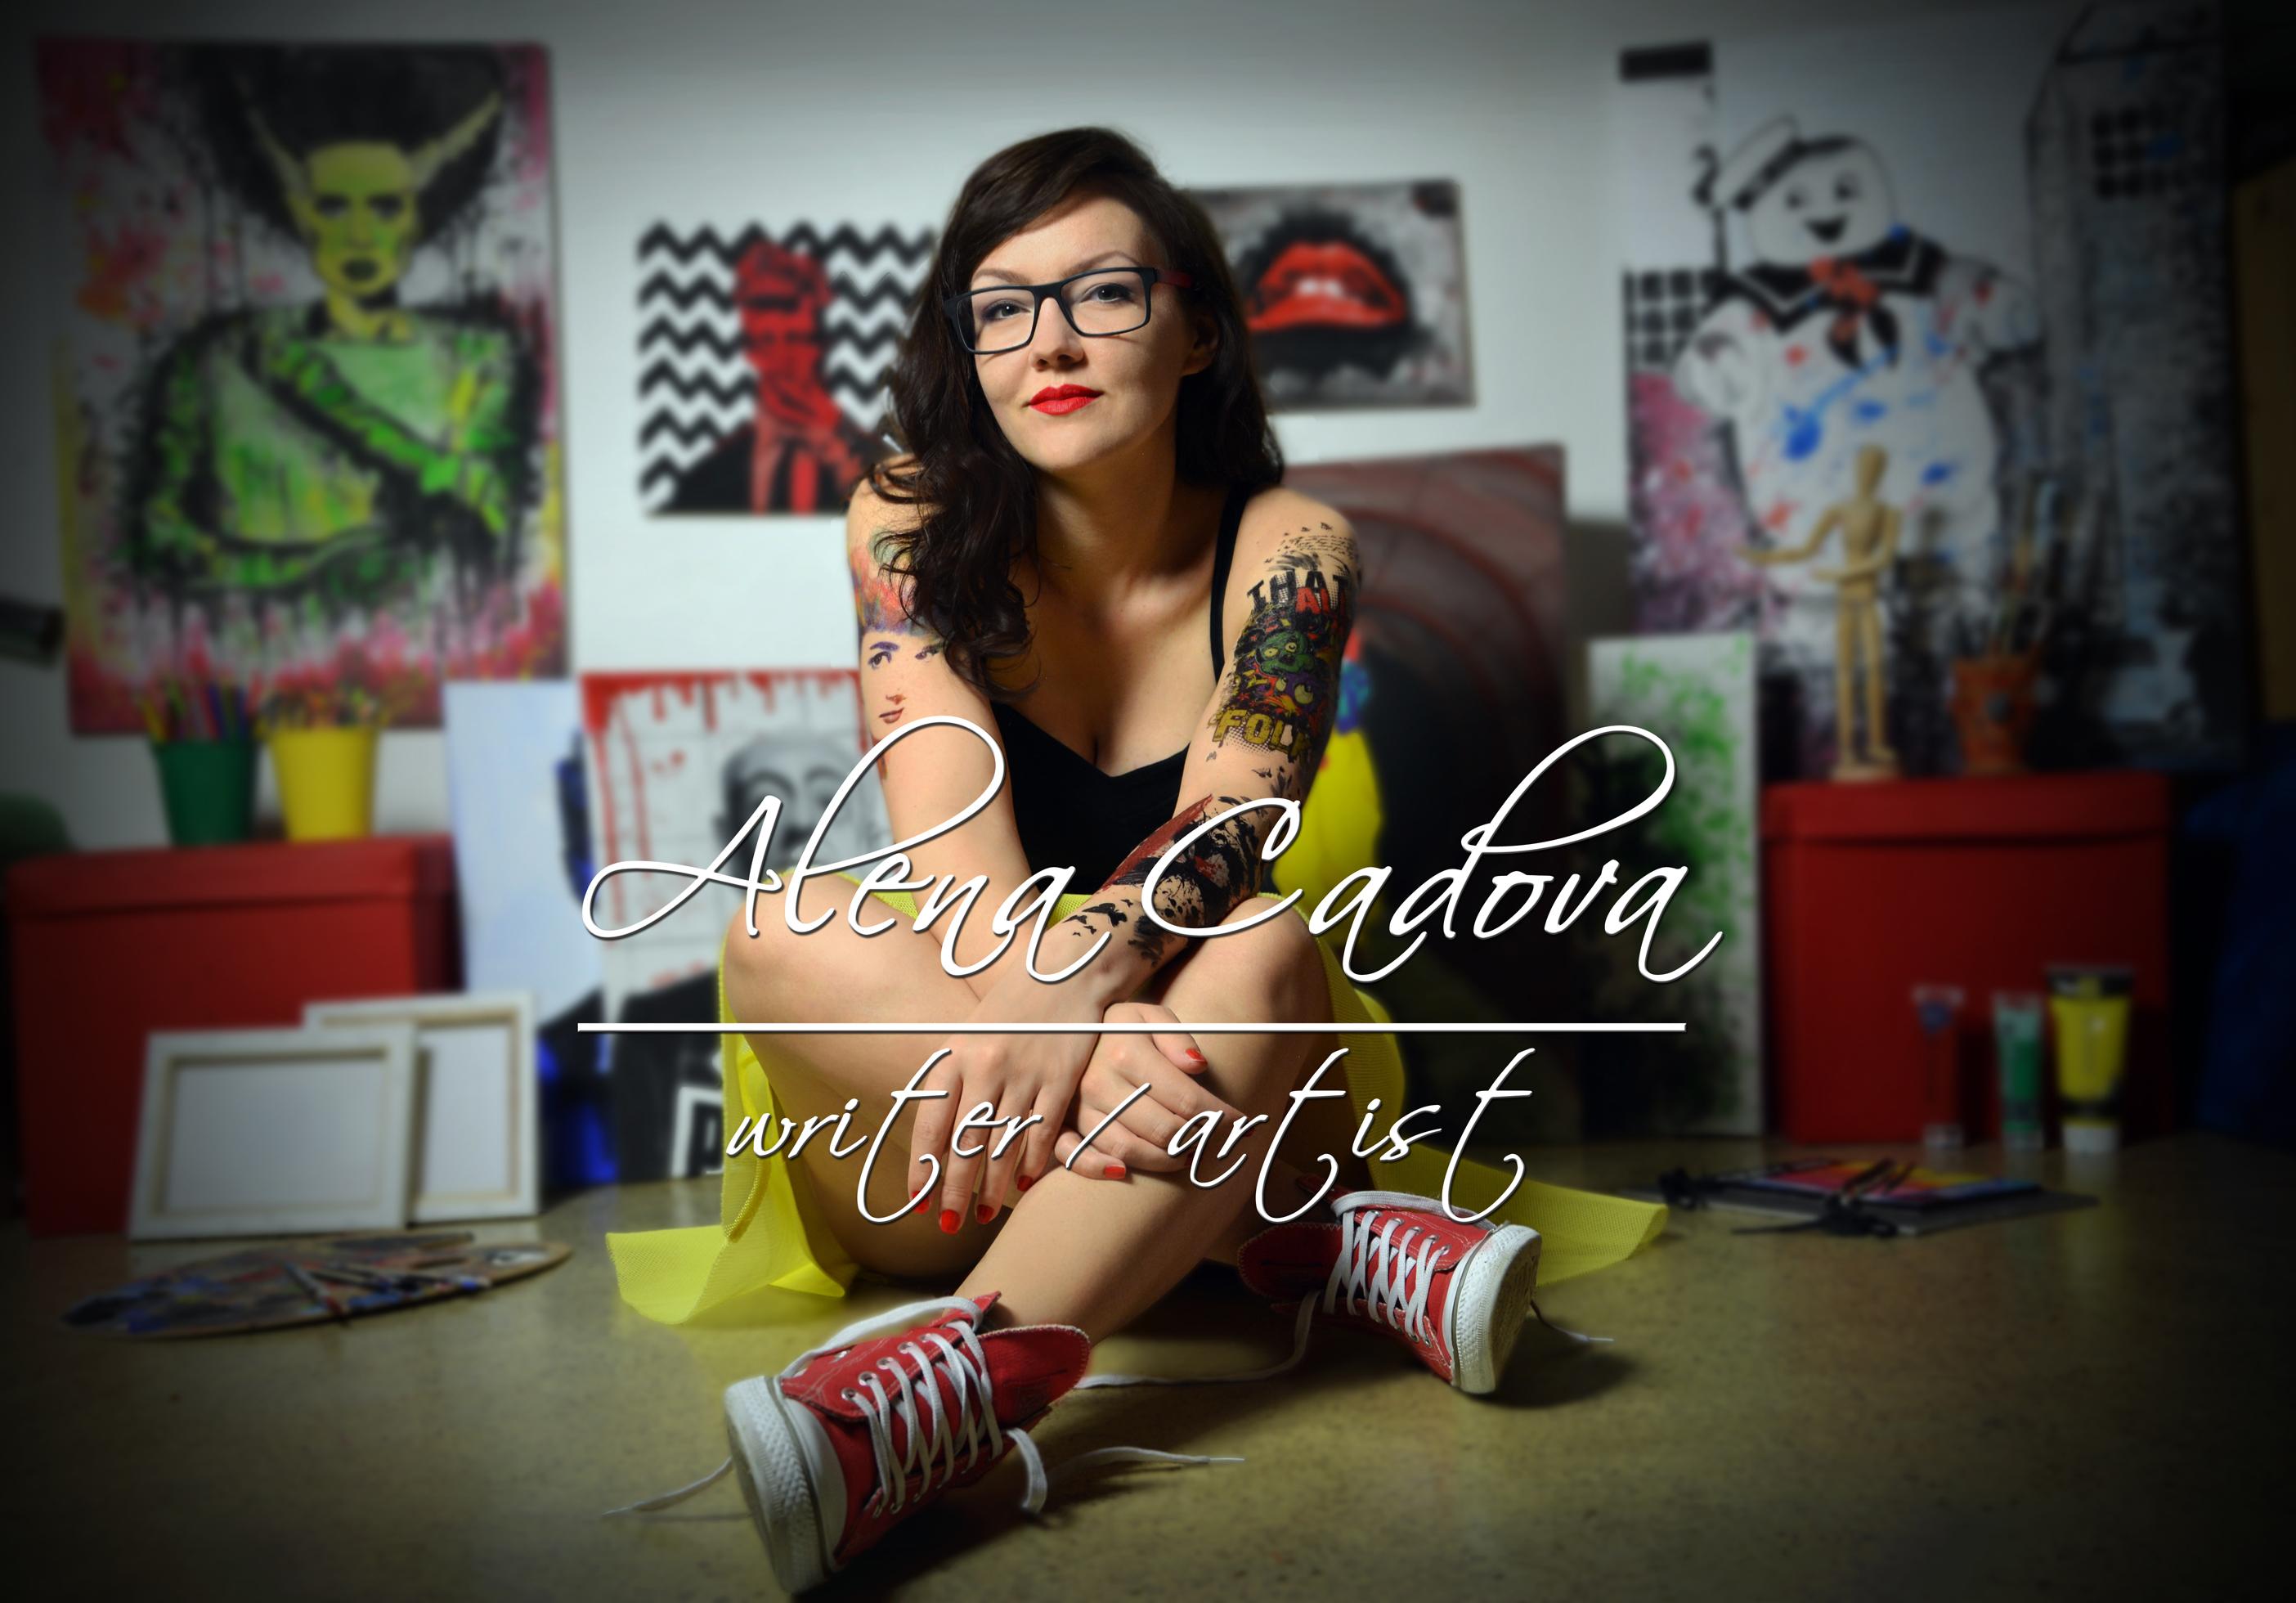 Alena Cadova Being Creative